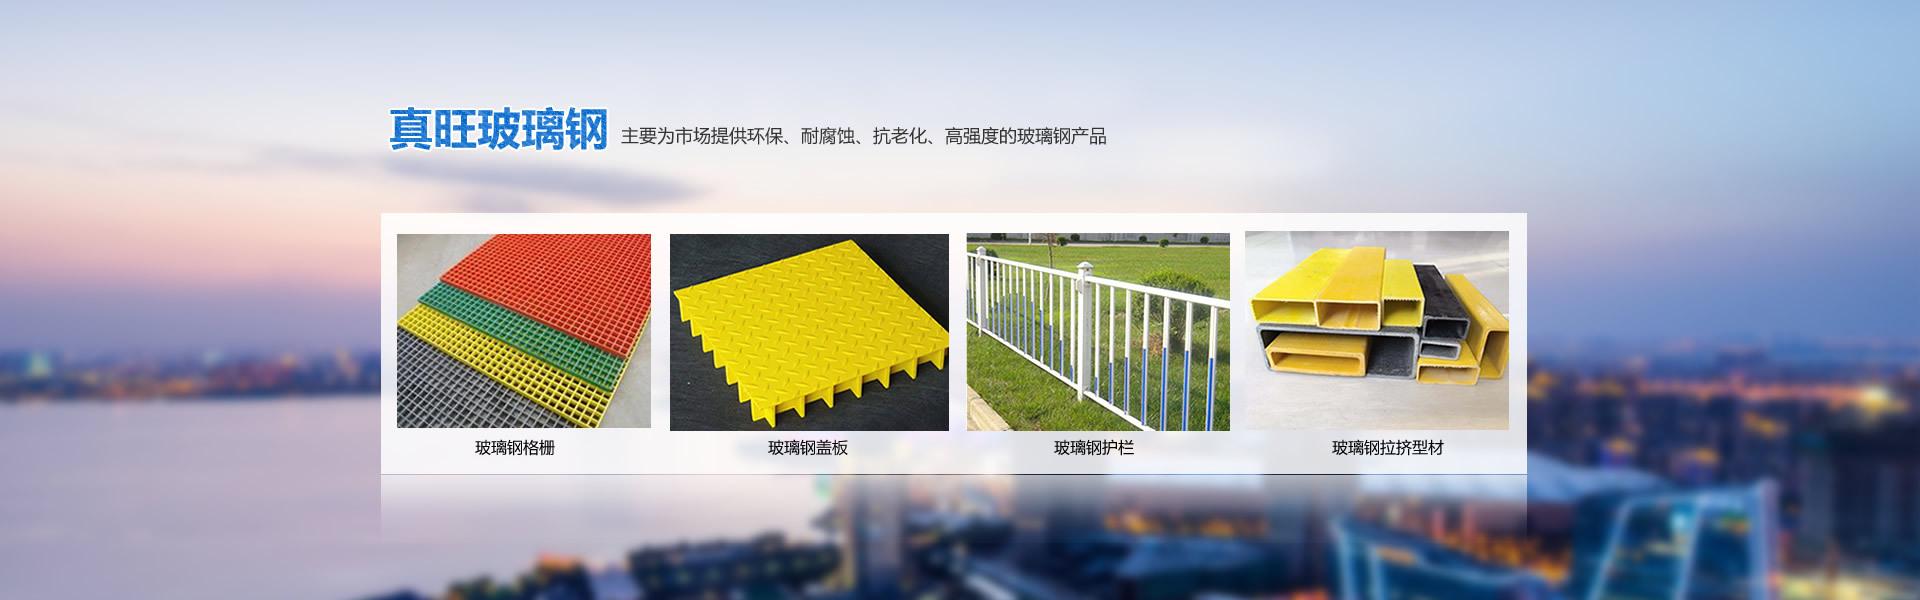 惠州真旺玻璃钢